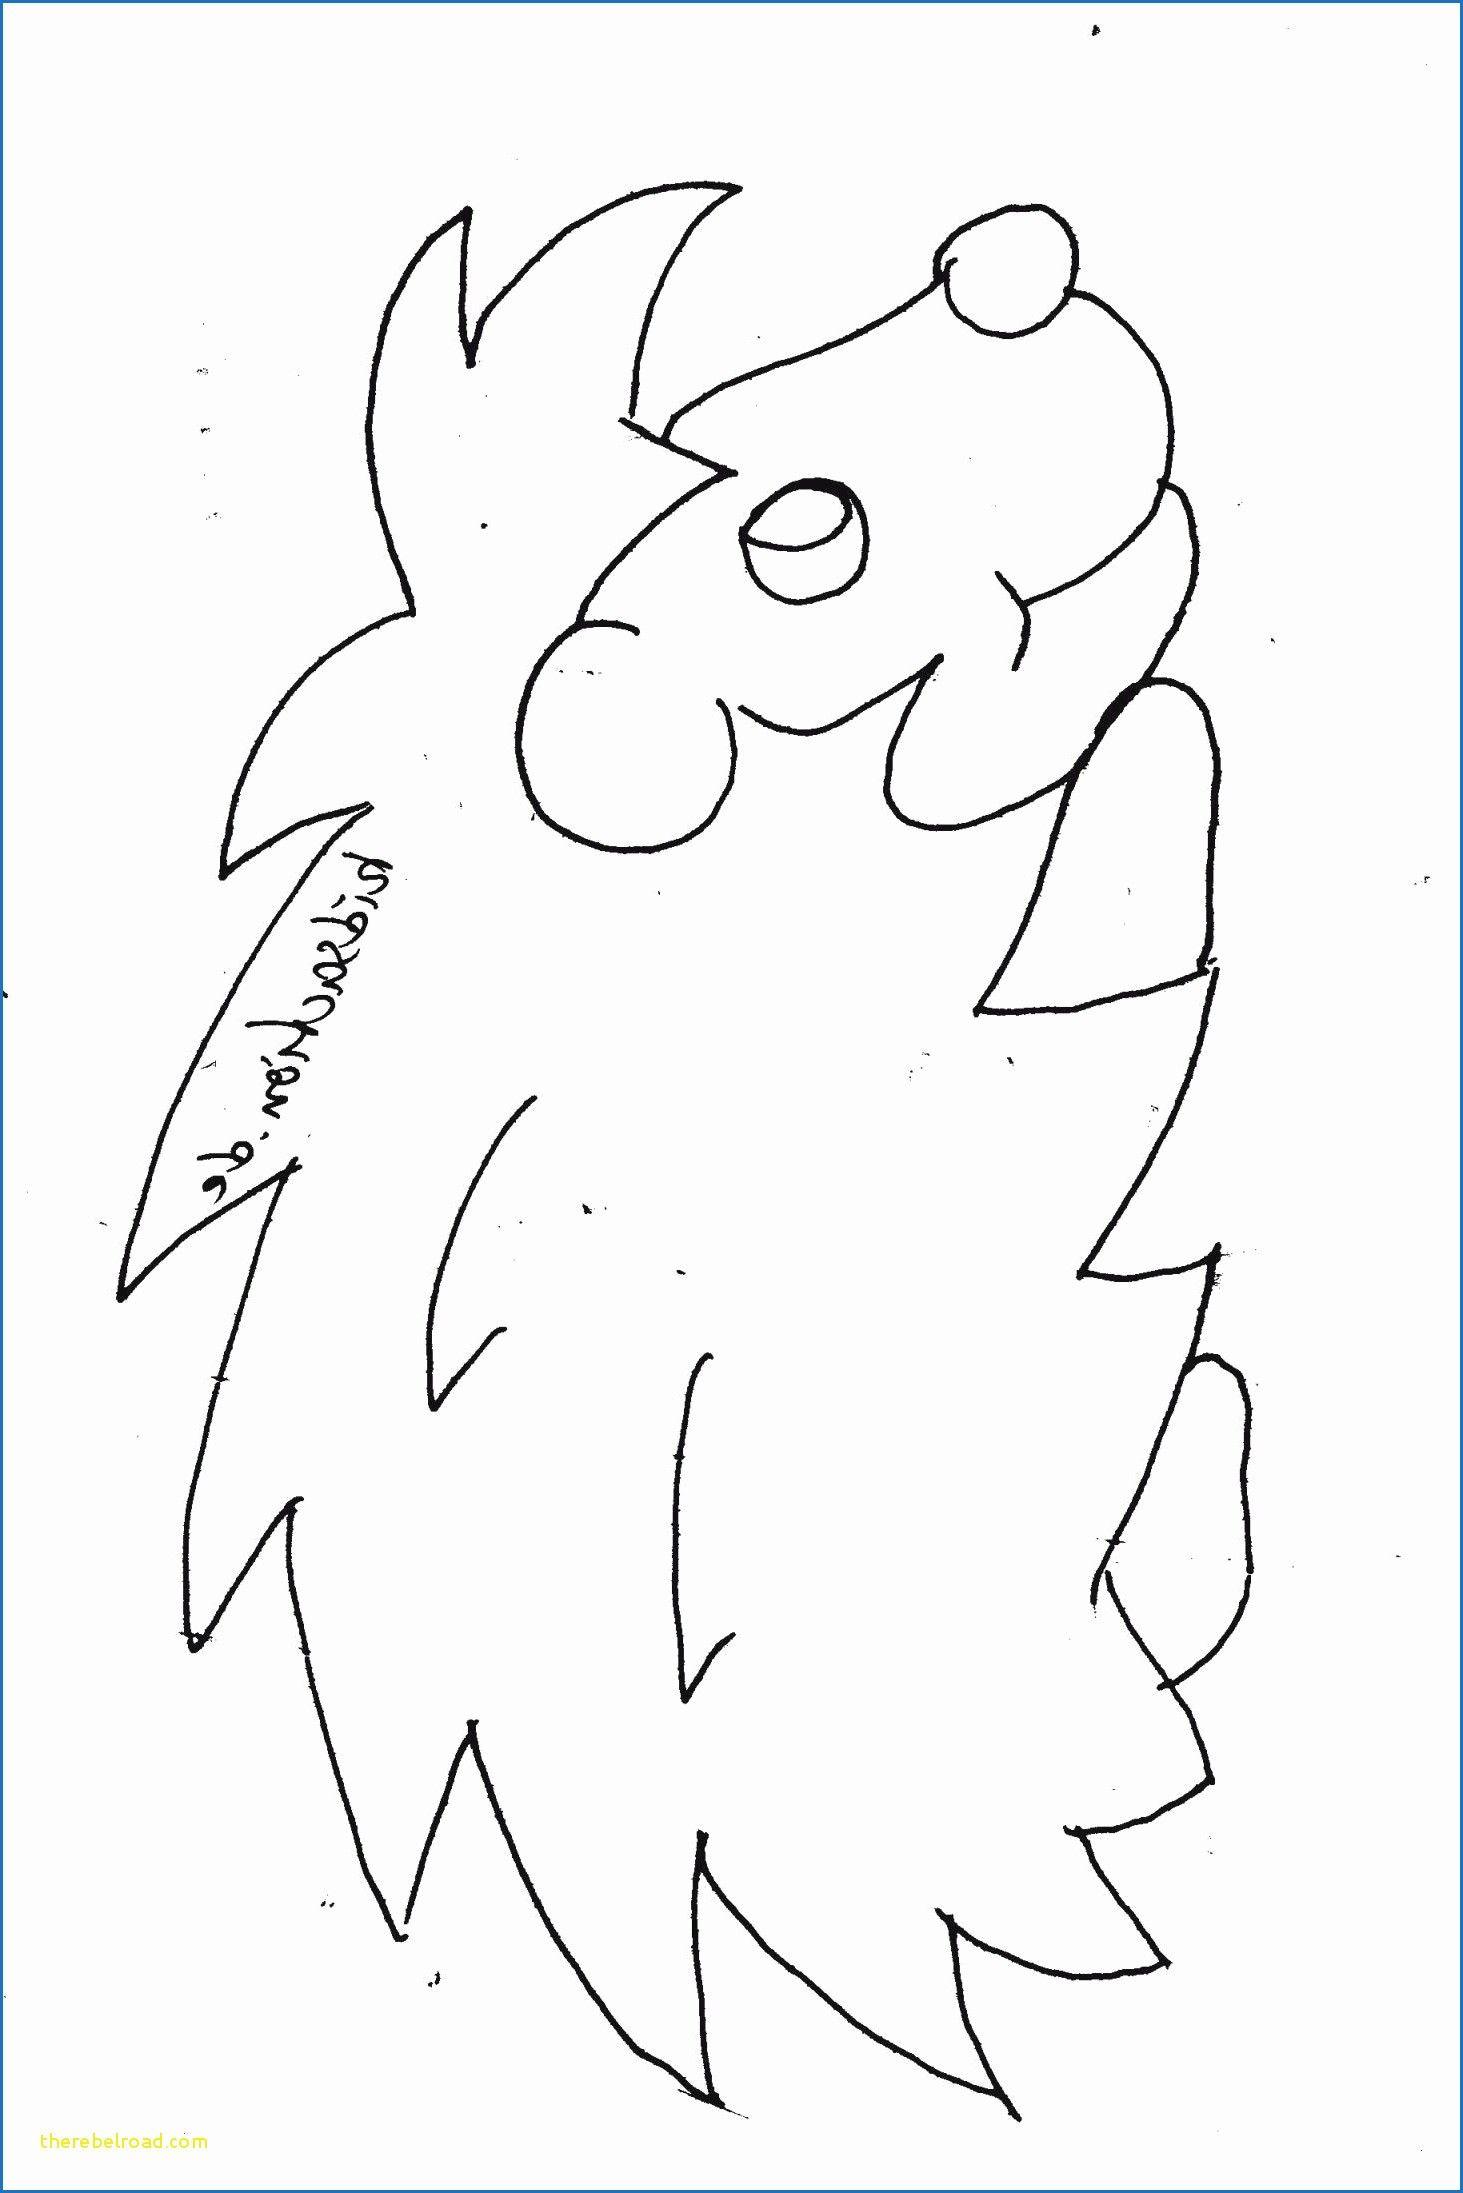 Neu Malvorlagen Anna Und Elsa Zum Ausdrucken Fairy Coloring Disney Coloring Pages Paw Patrol Coloring Pages